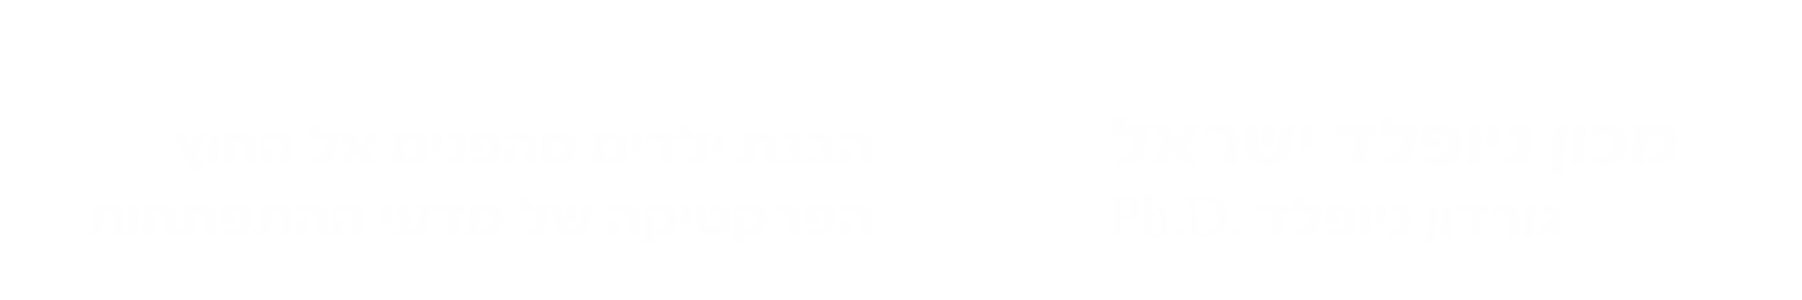 מכון ניופלד ישראל